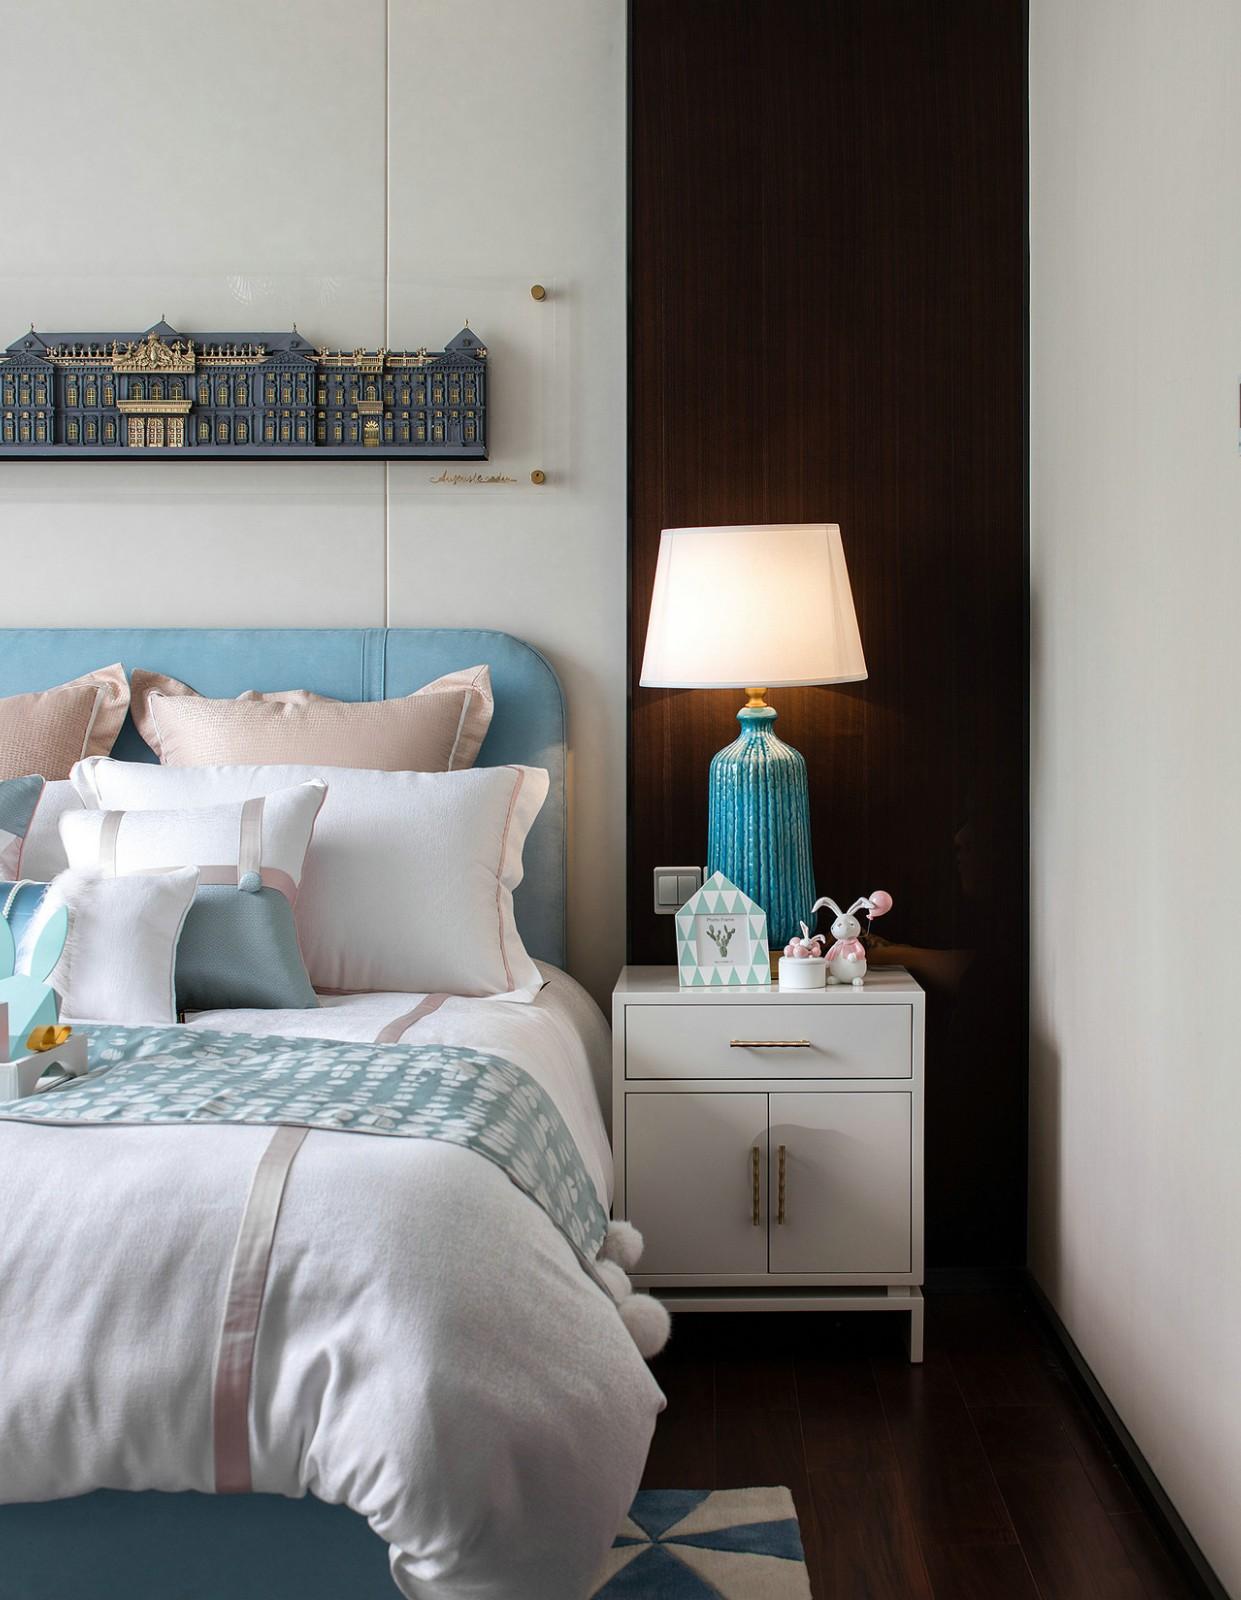 围炉煮茶,集古韵今卧室中式现代卧室设计图片赏析